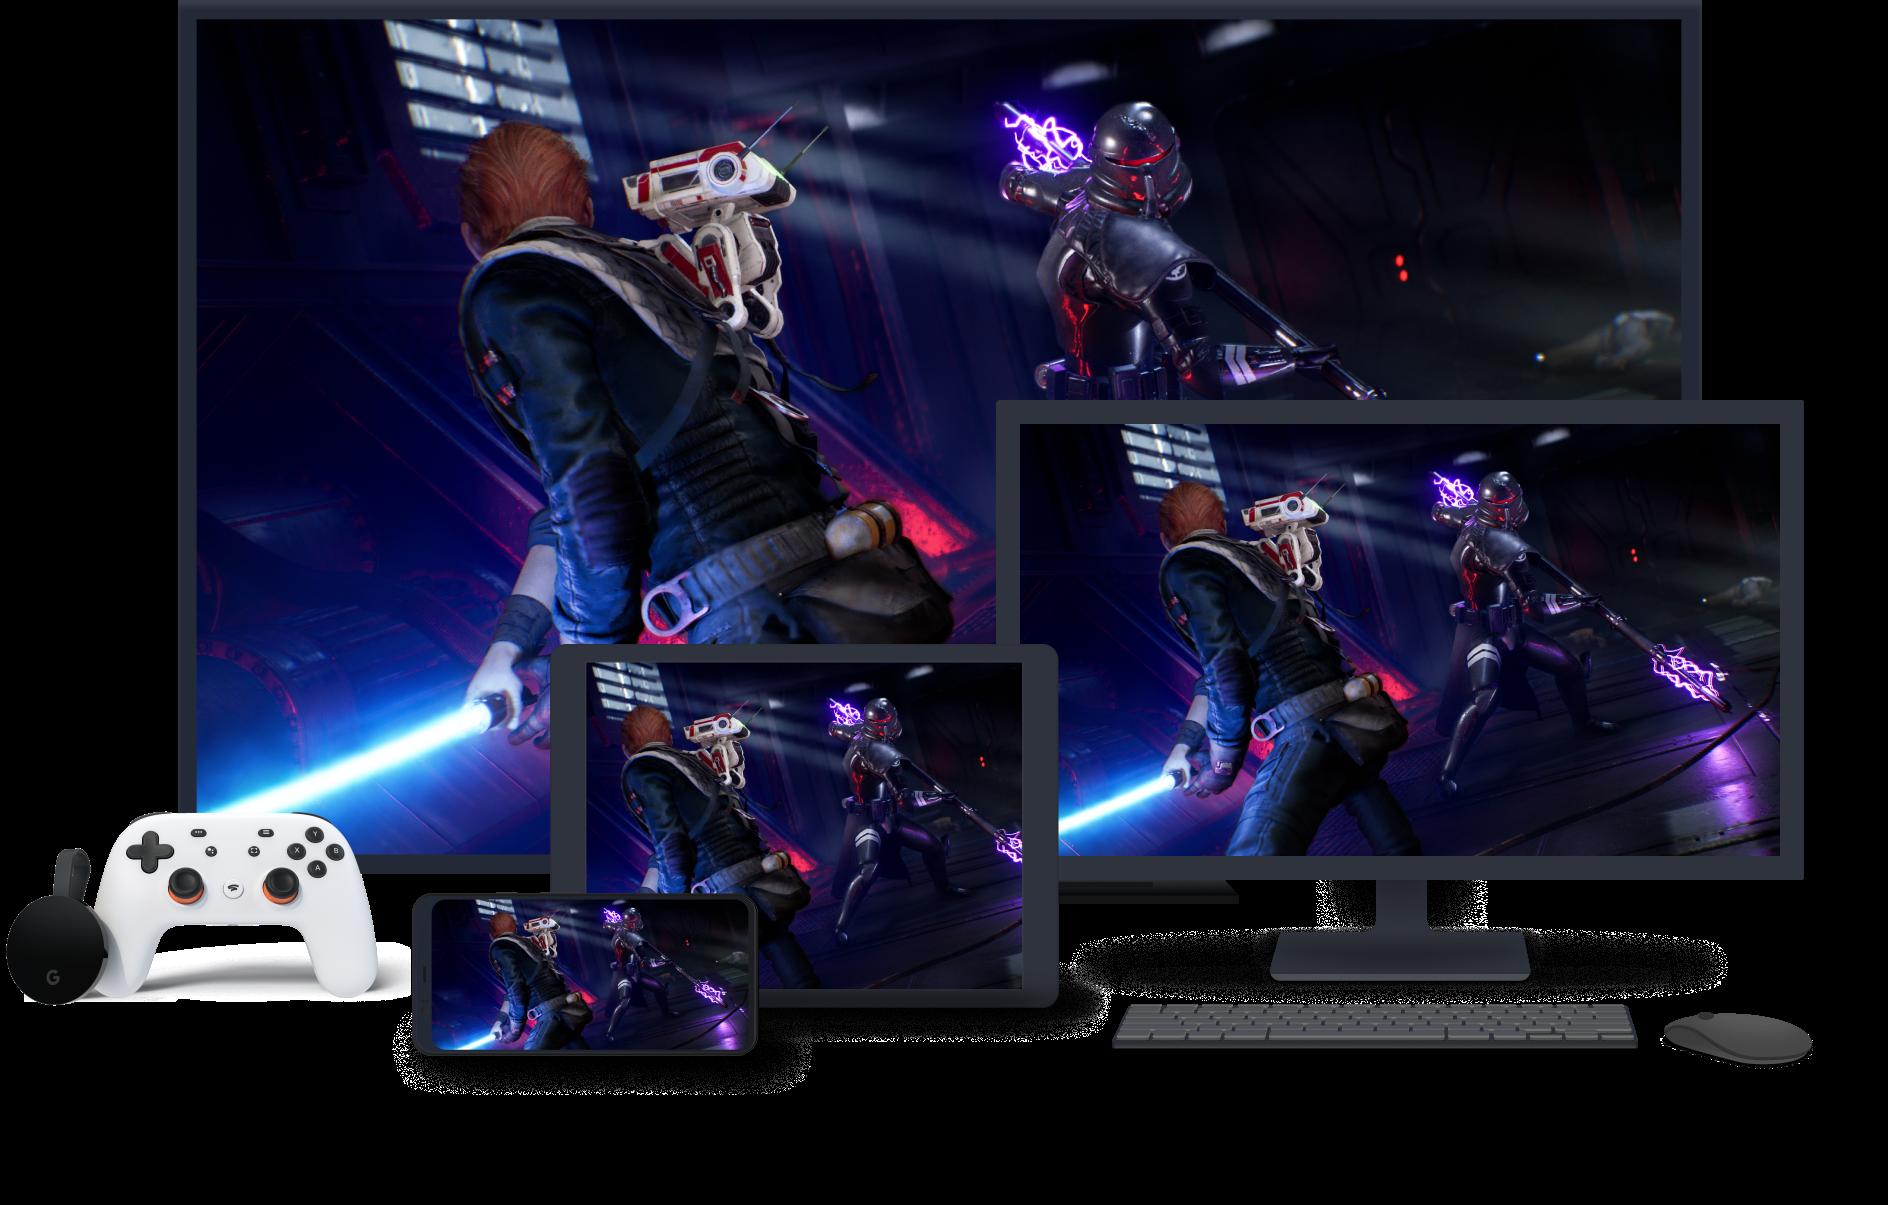 Image du jeu sur les appareils Stadia.